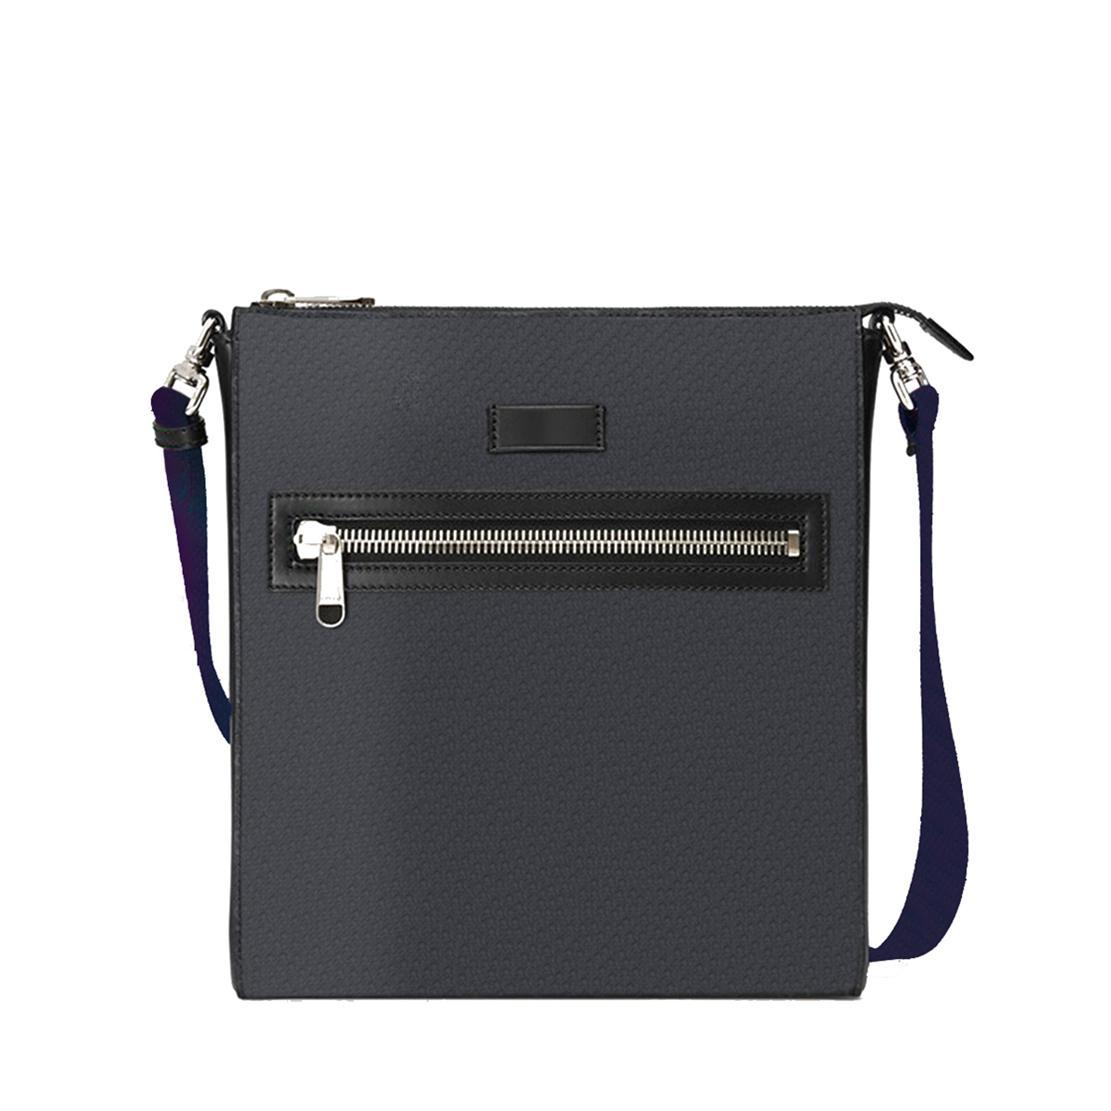 رسول الرجال حقيبة حقائب حقيبة CROSSBODY CROSSBODY حقيبة المحافظ حقائب جلدية الفاصل حقيبة المحفظة أزياء Fannypack 296475